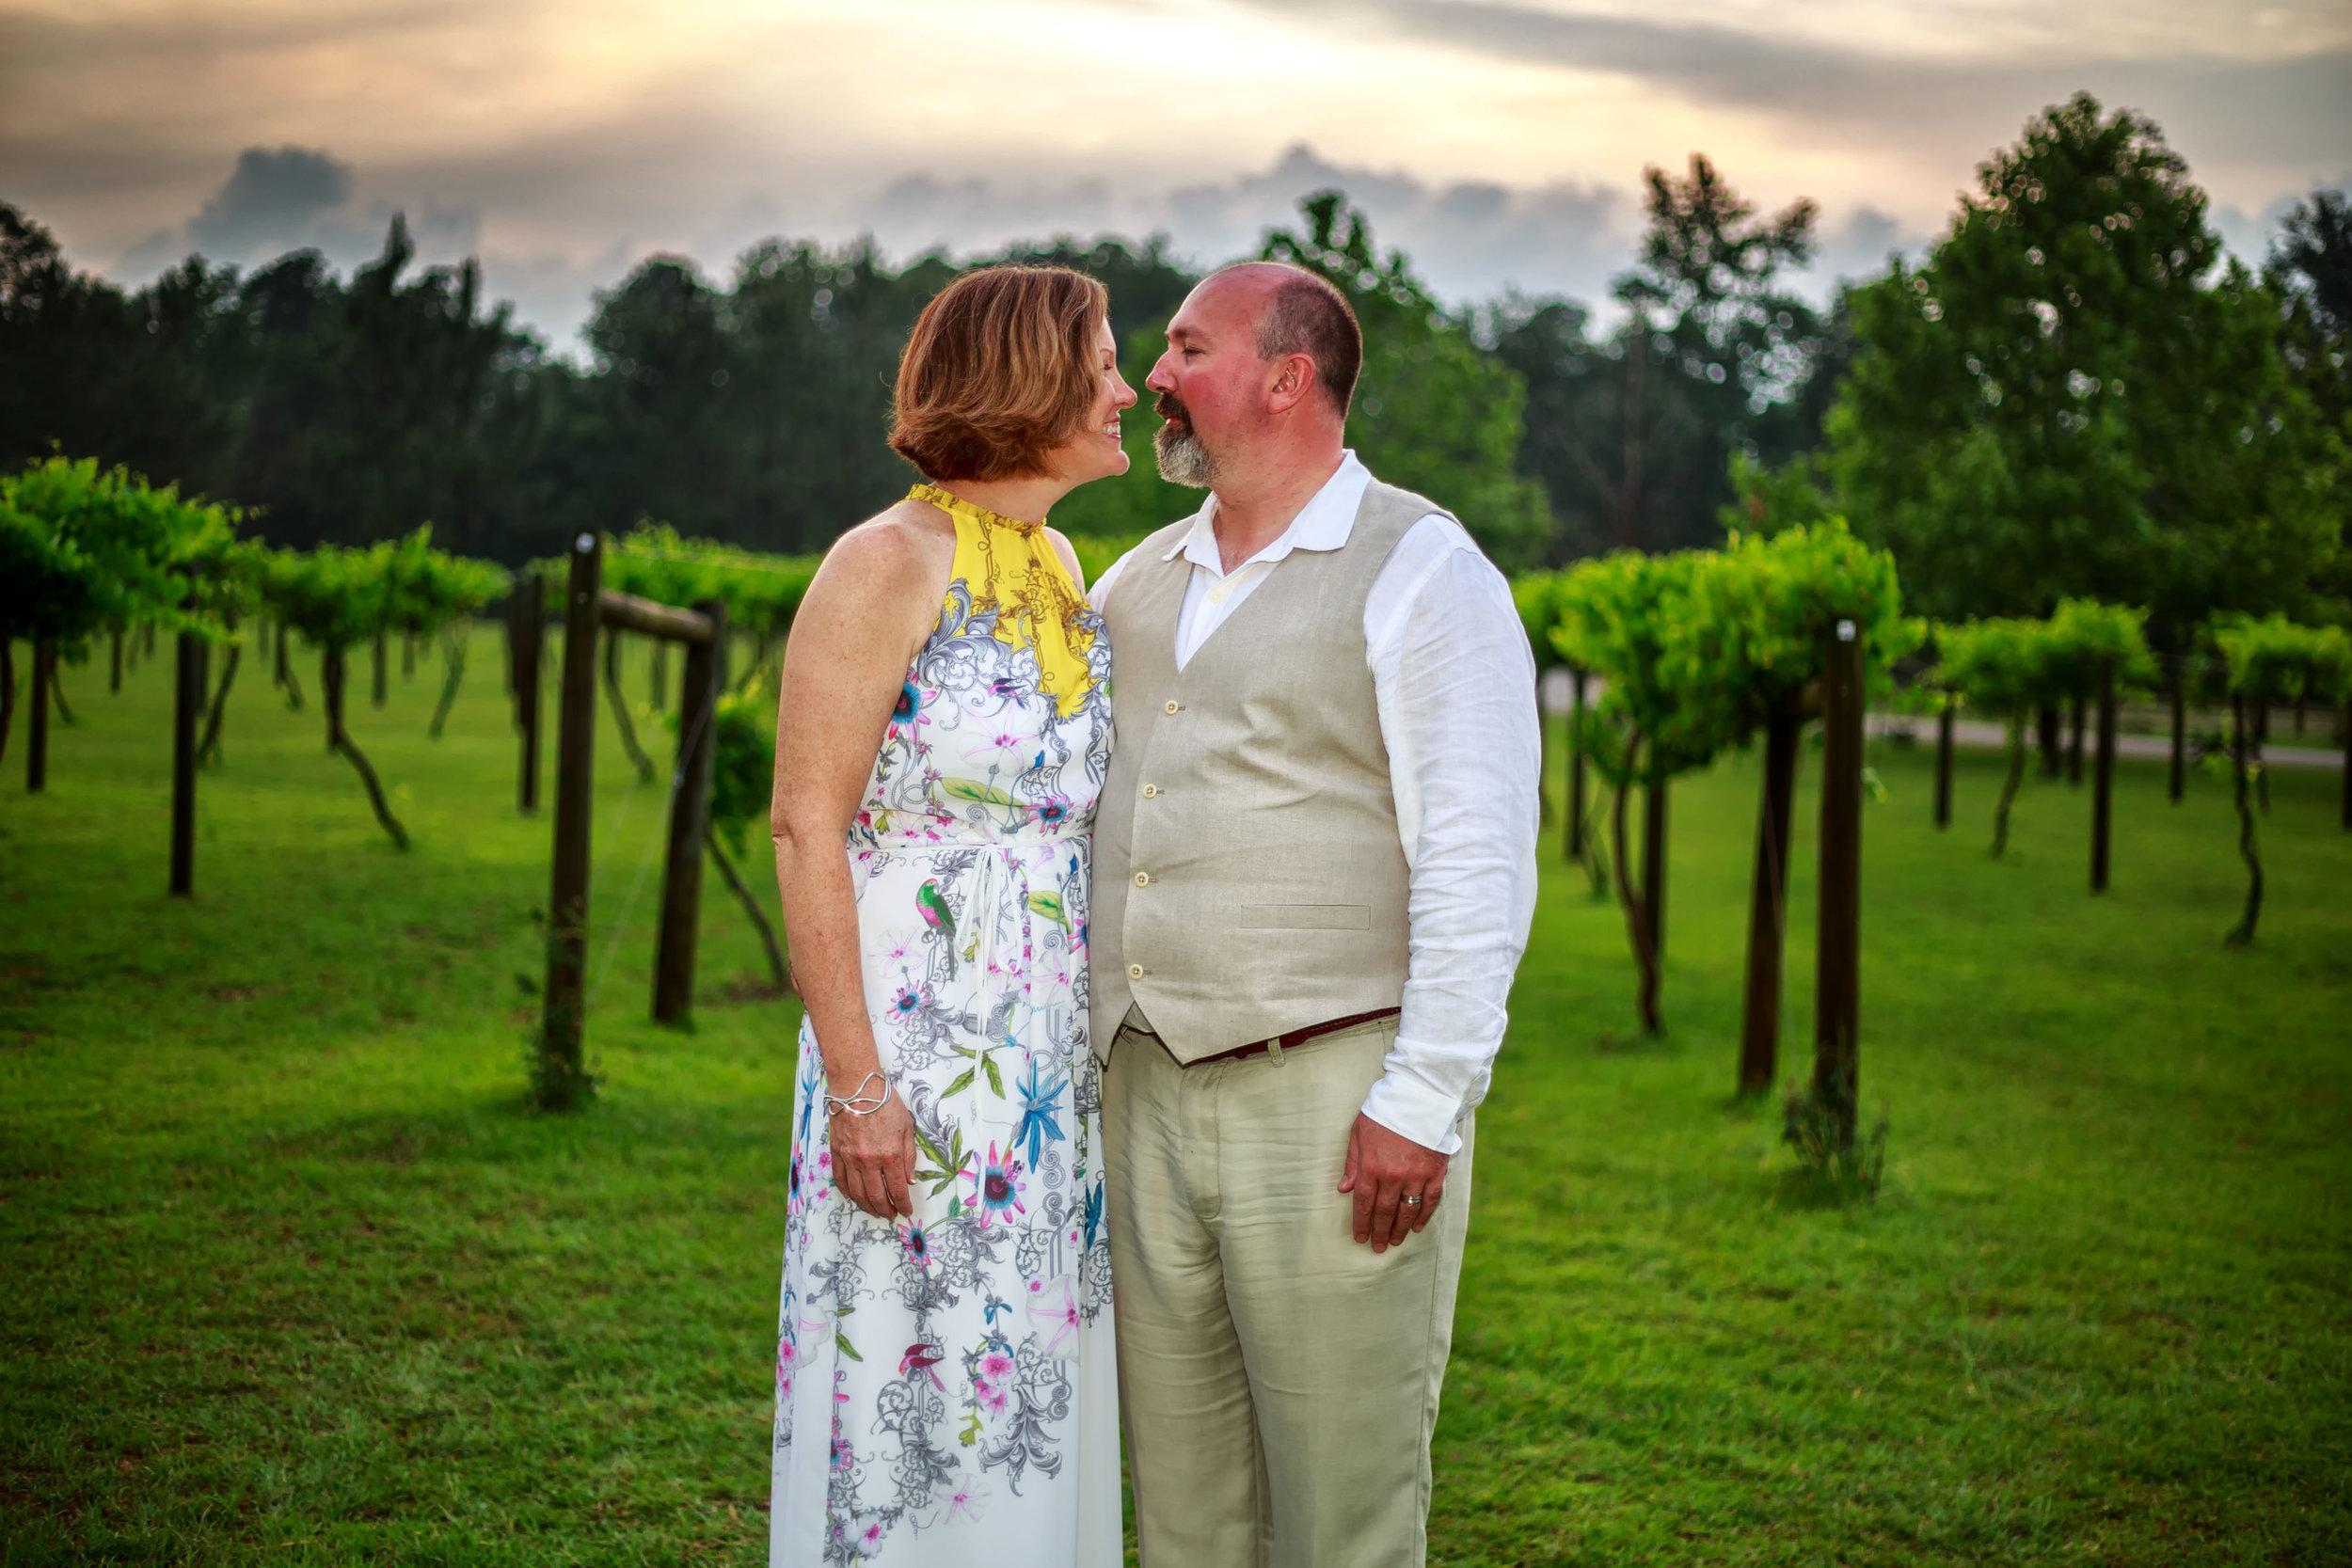 NC-Wedding-Elopement-Cape-Fear-Vineyard-Tiffany-Abruzzo